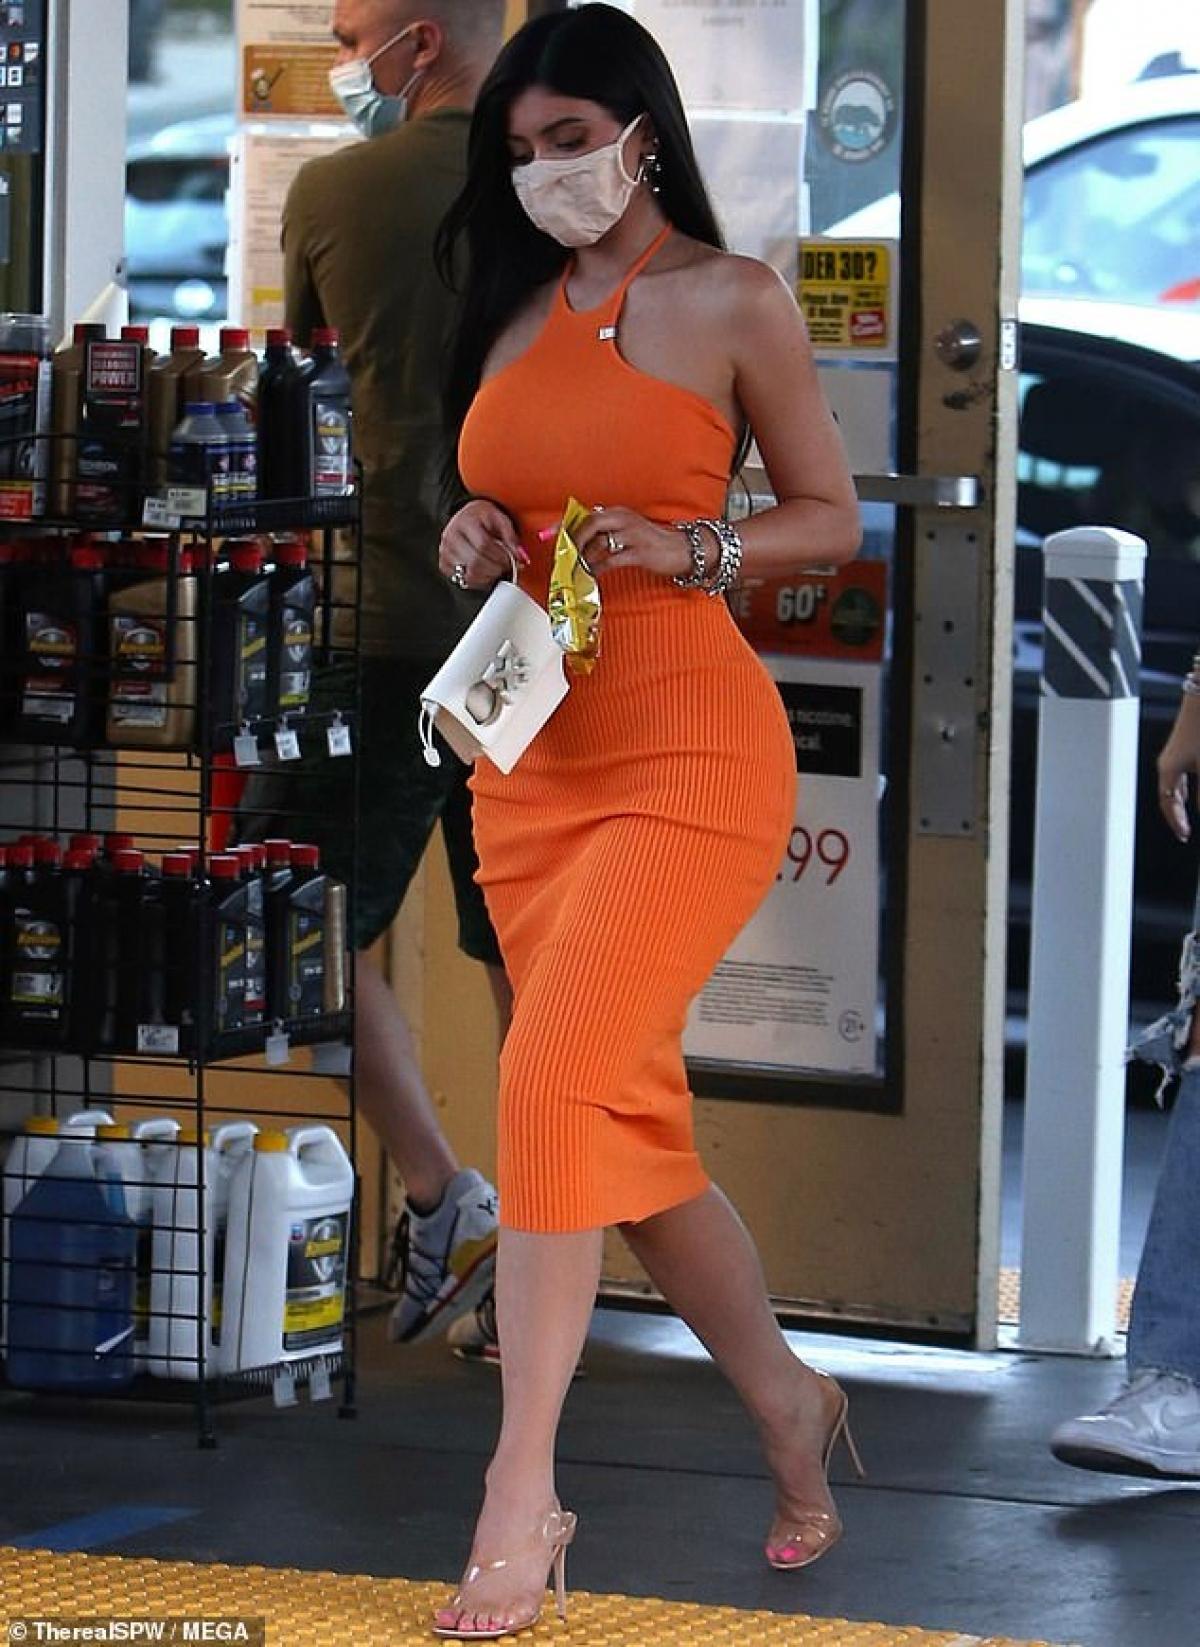 Kylie Jenner thừa nhận, cô trưởng thành và chín chắn hơn nhiều sau khi làm mẹ. Và có con là quyết định đúng đắn nhất cuộc đời cô.